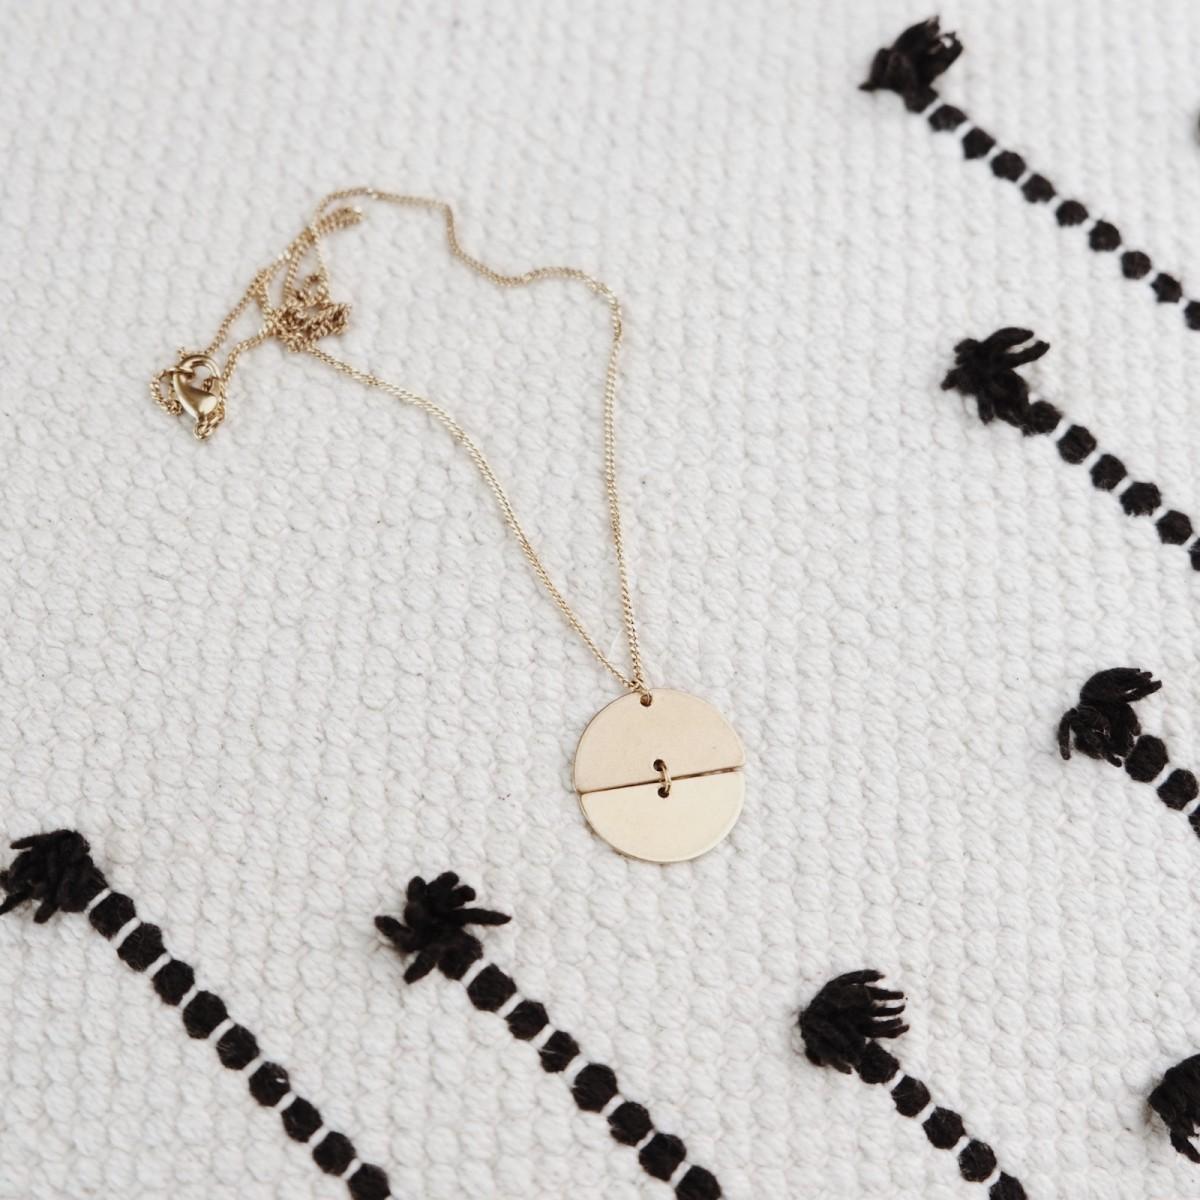 BRASSCAKE // Jupiter Necklace